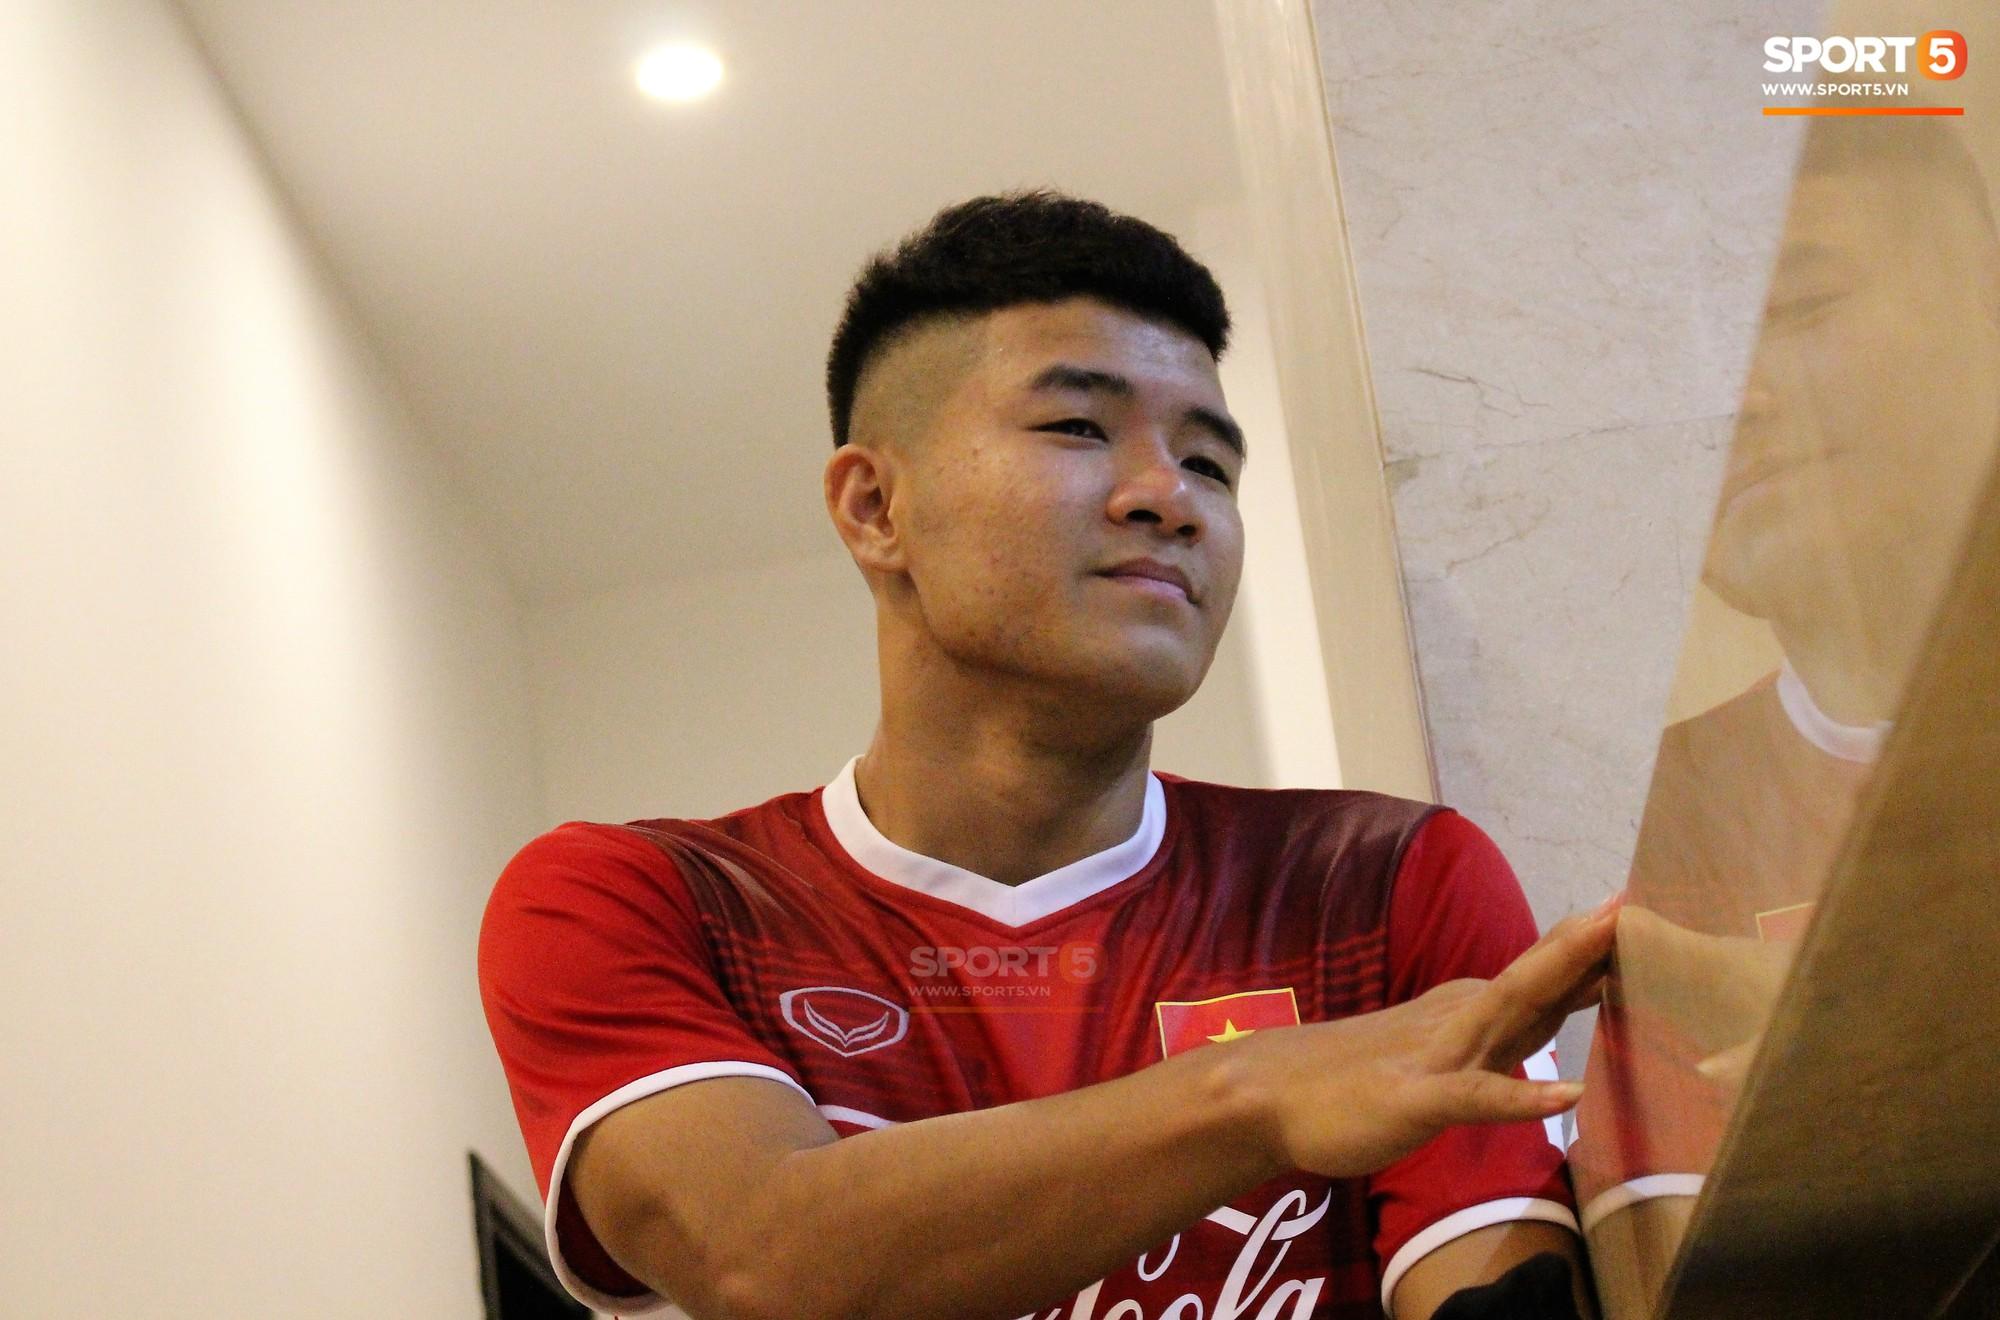 Hà Đức Chinh kêu trời vì đau bụng sau buổi tập đầu tiên cùng đội tuyển Việt Nam chuẩn bị cho AFF Cup 2018 - Ảnh 2.